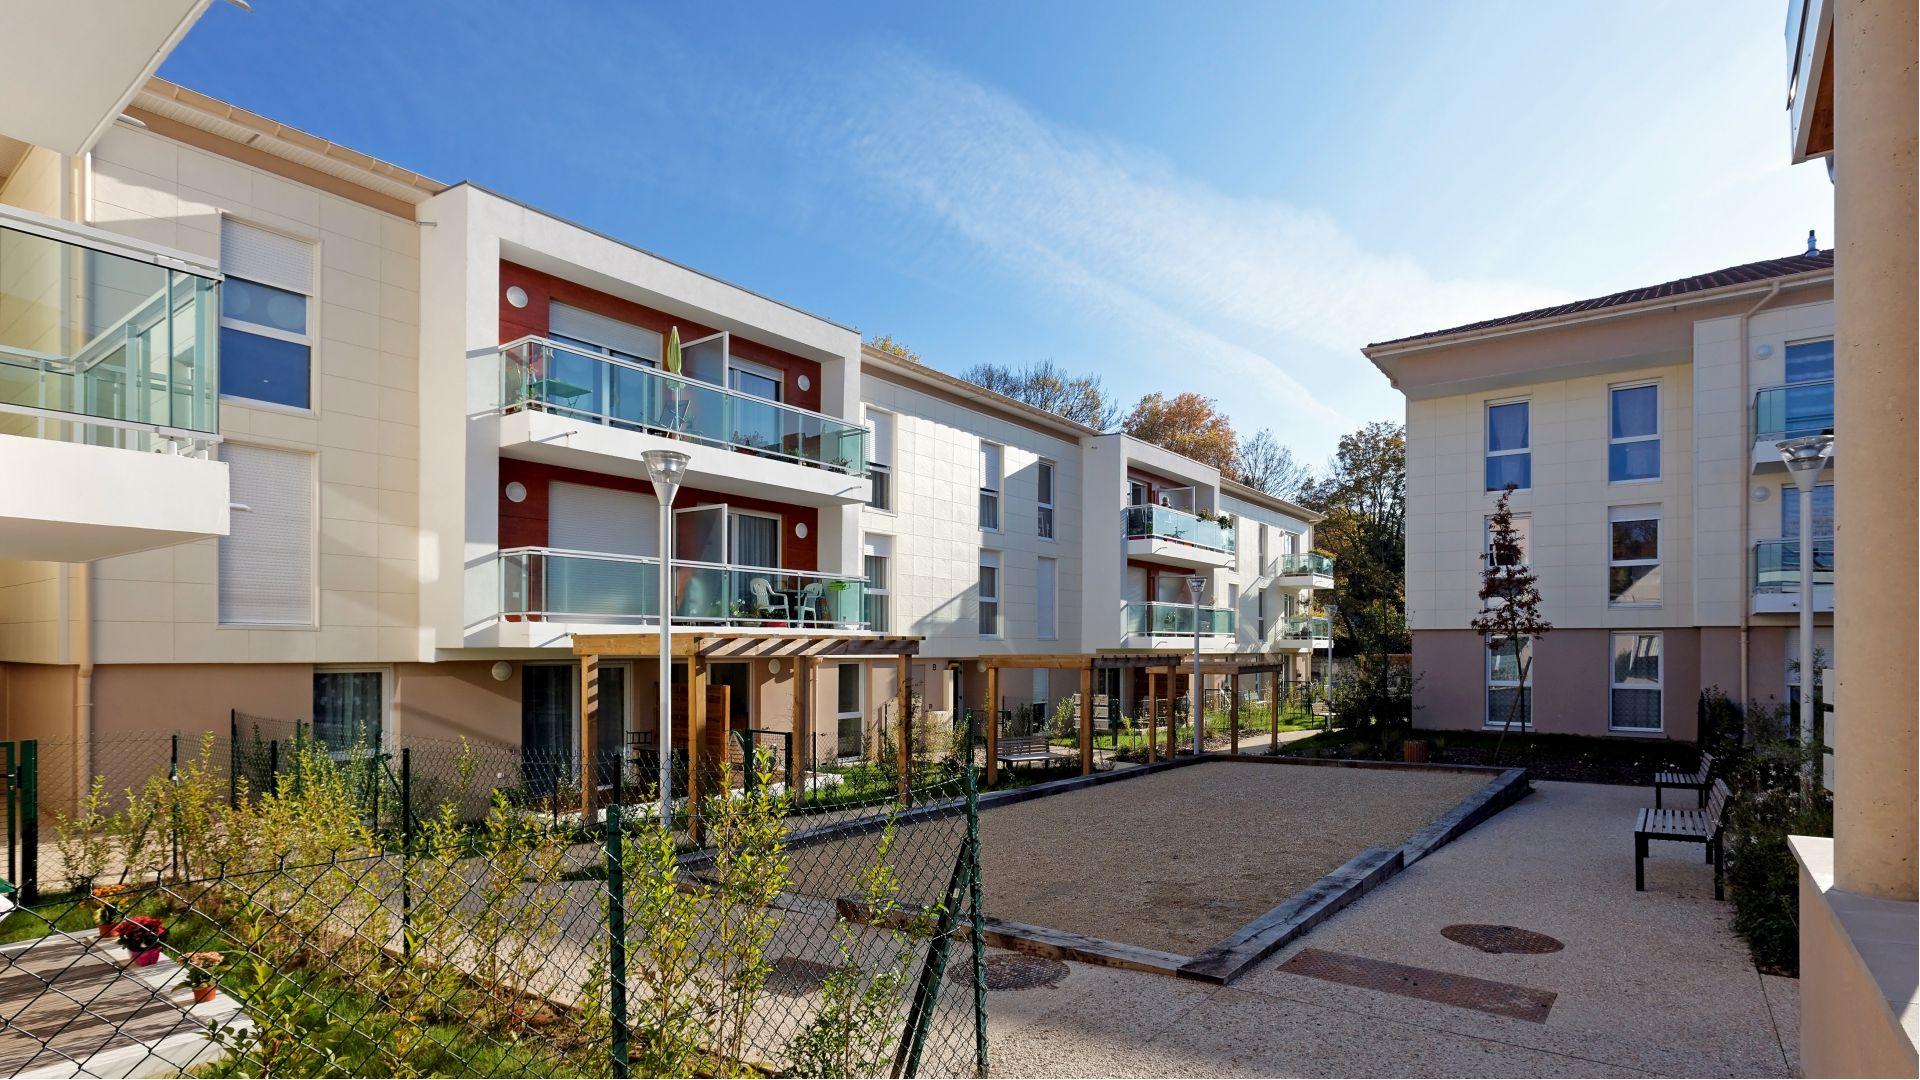 Greencity Immobilier - Résidence Les Patios d'Or de Montlignon - 95680 Montlignon - Résidence séniors